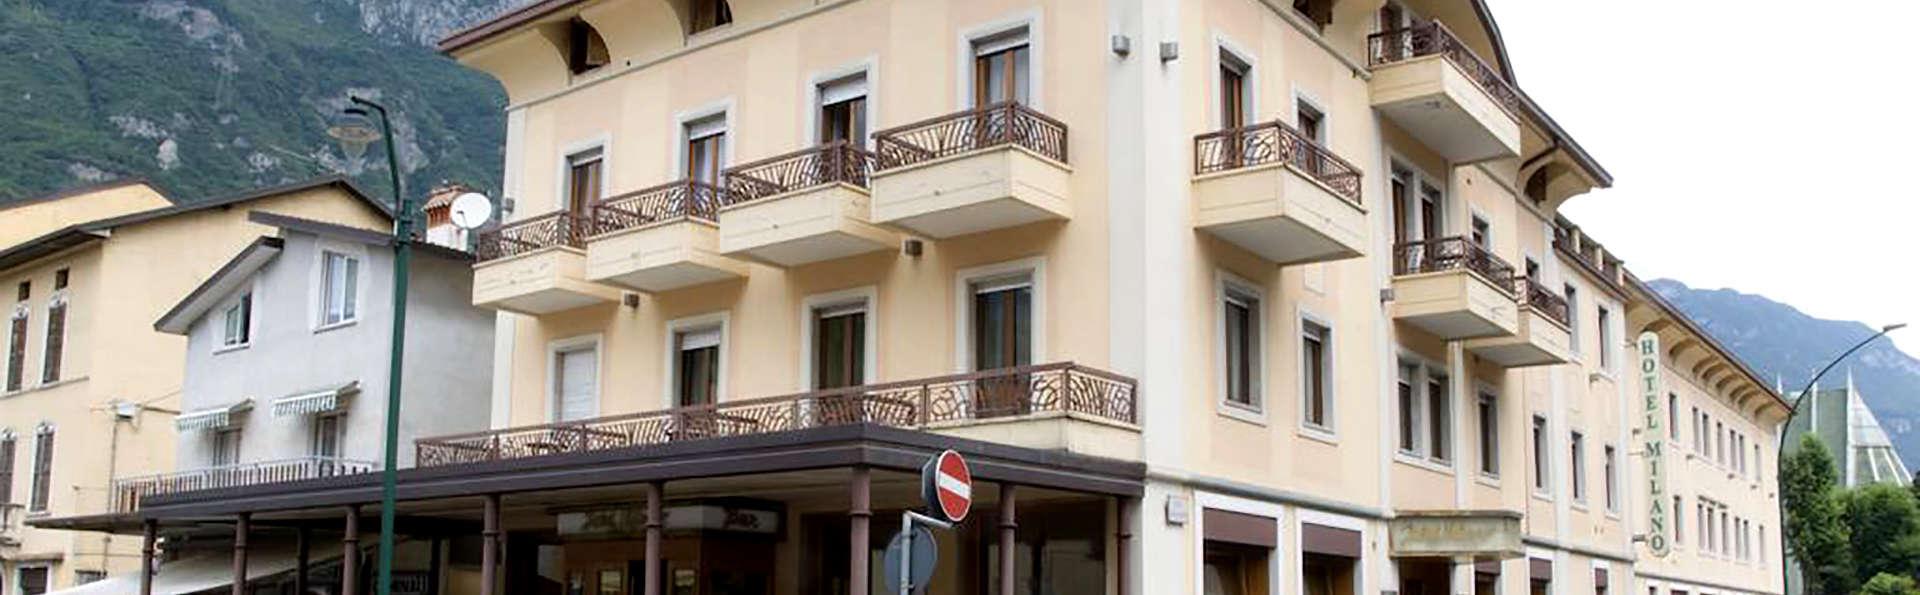 Albergo Milano - Edit_Front.jpg